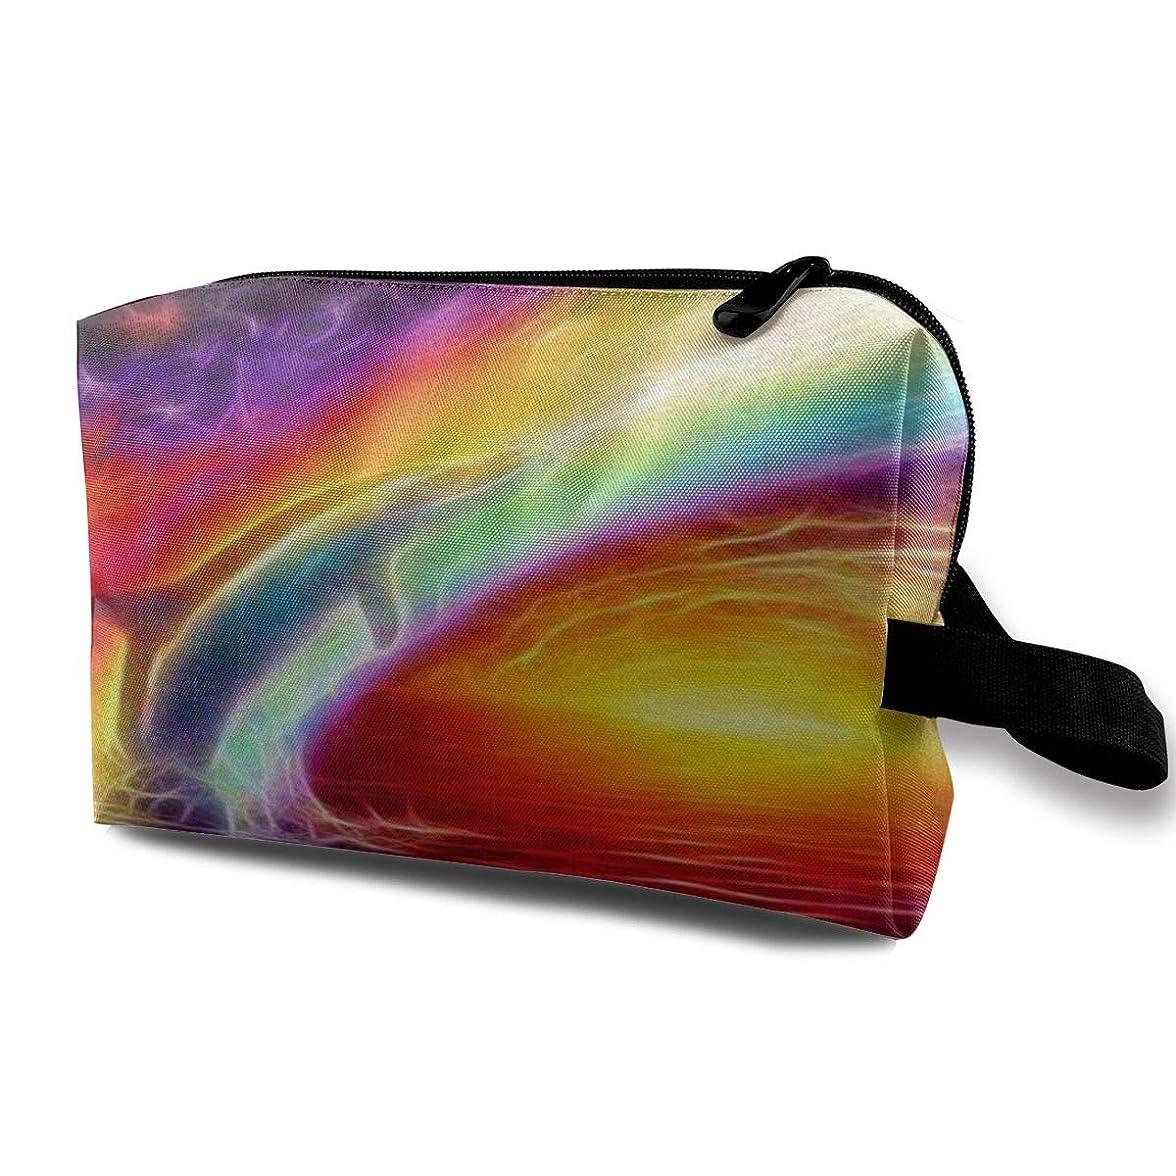 合わせて作物法律Art Dolphin Rainbow 収納ポーチ 化粧ポーチ 大容量 軽量 耐久性 ハンドル付持ち運び便利。入れ 自宅?出張?旅行?アウトドア撮影などに対応。メンズ レディース トラベルグッズ